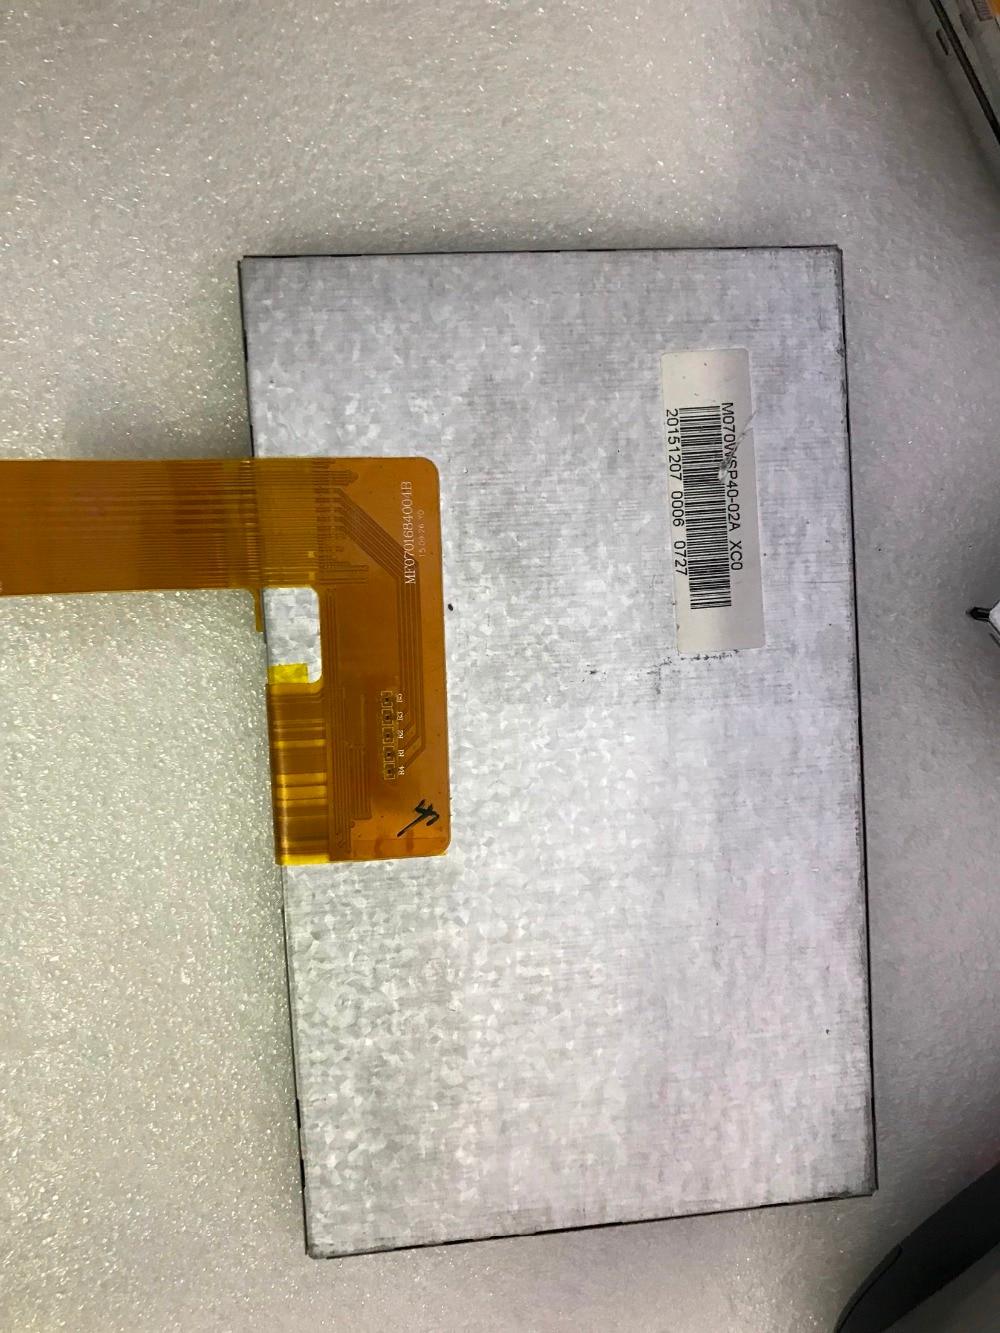 free shipping original 7 inch LCD screen original model: A070VW05 V1free shipping original 7 inch LCD screen original model: A070VW05 V1